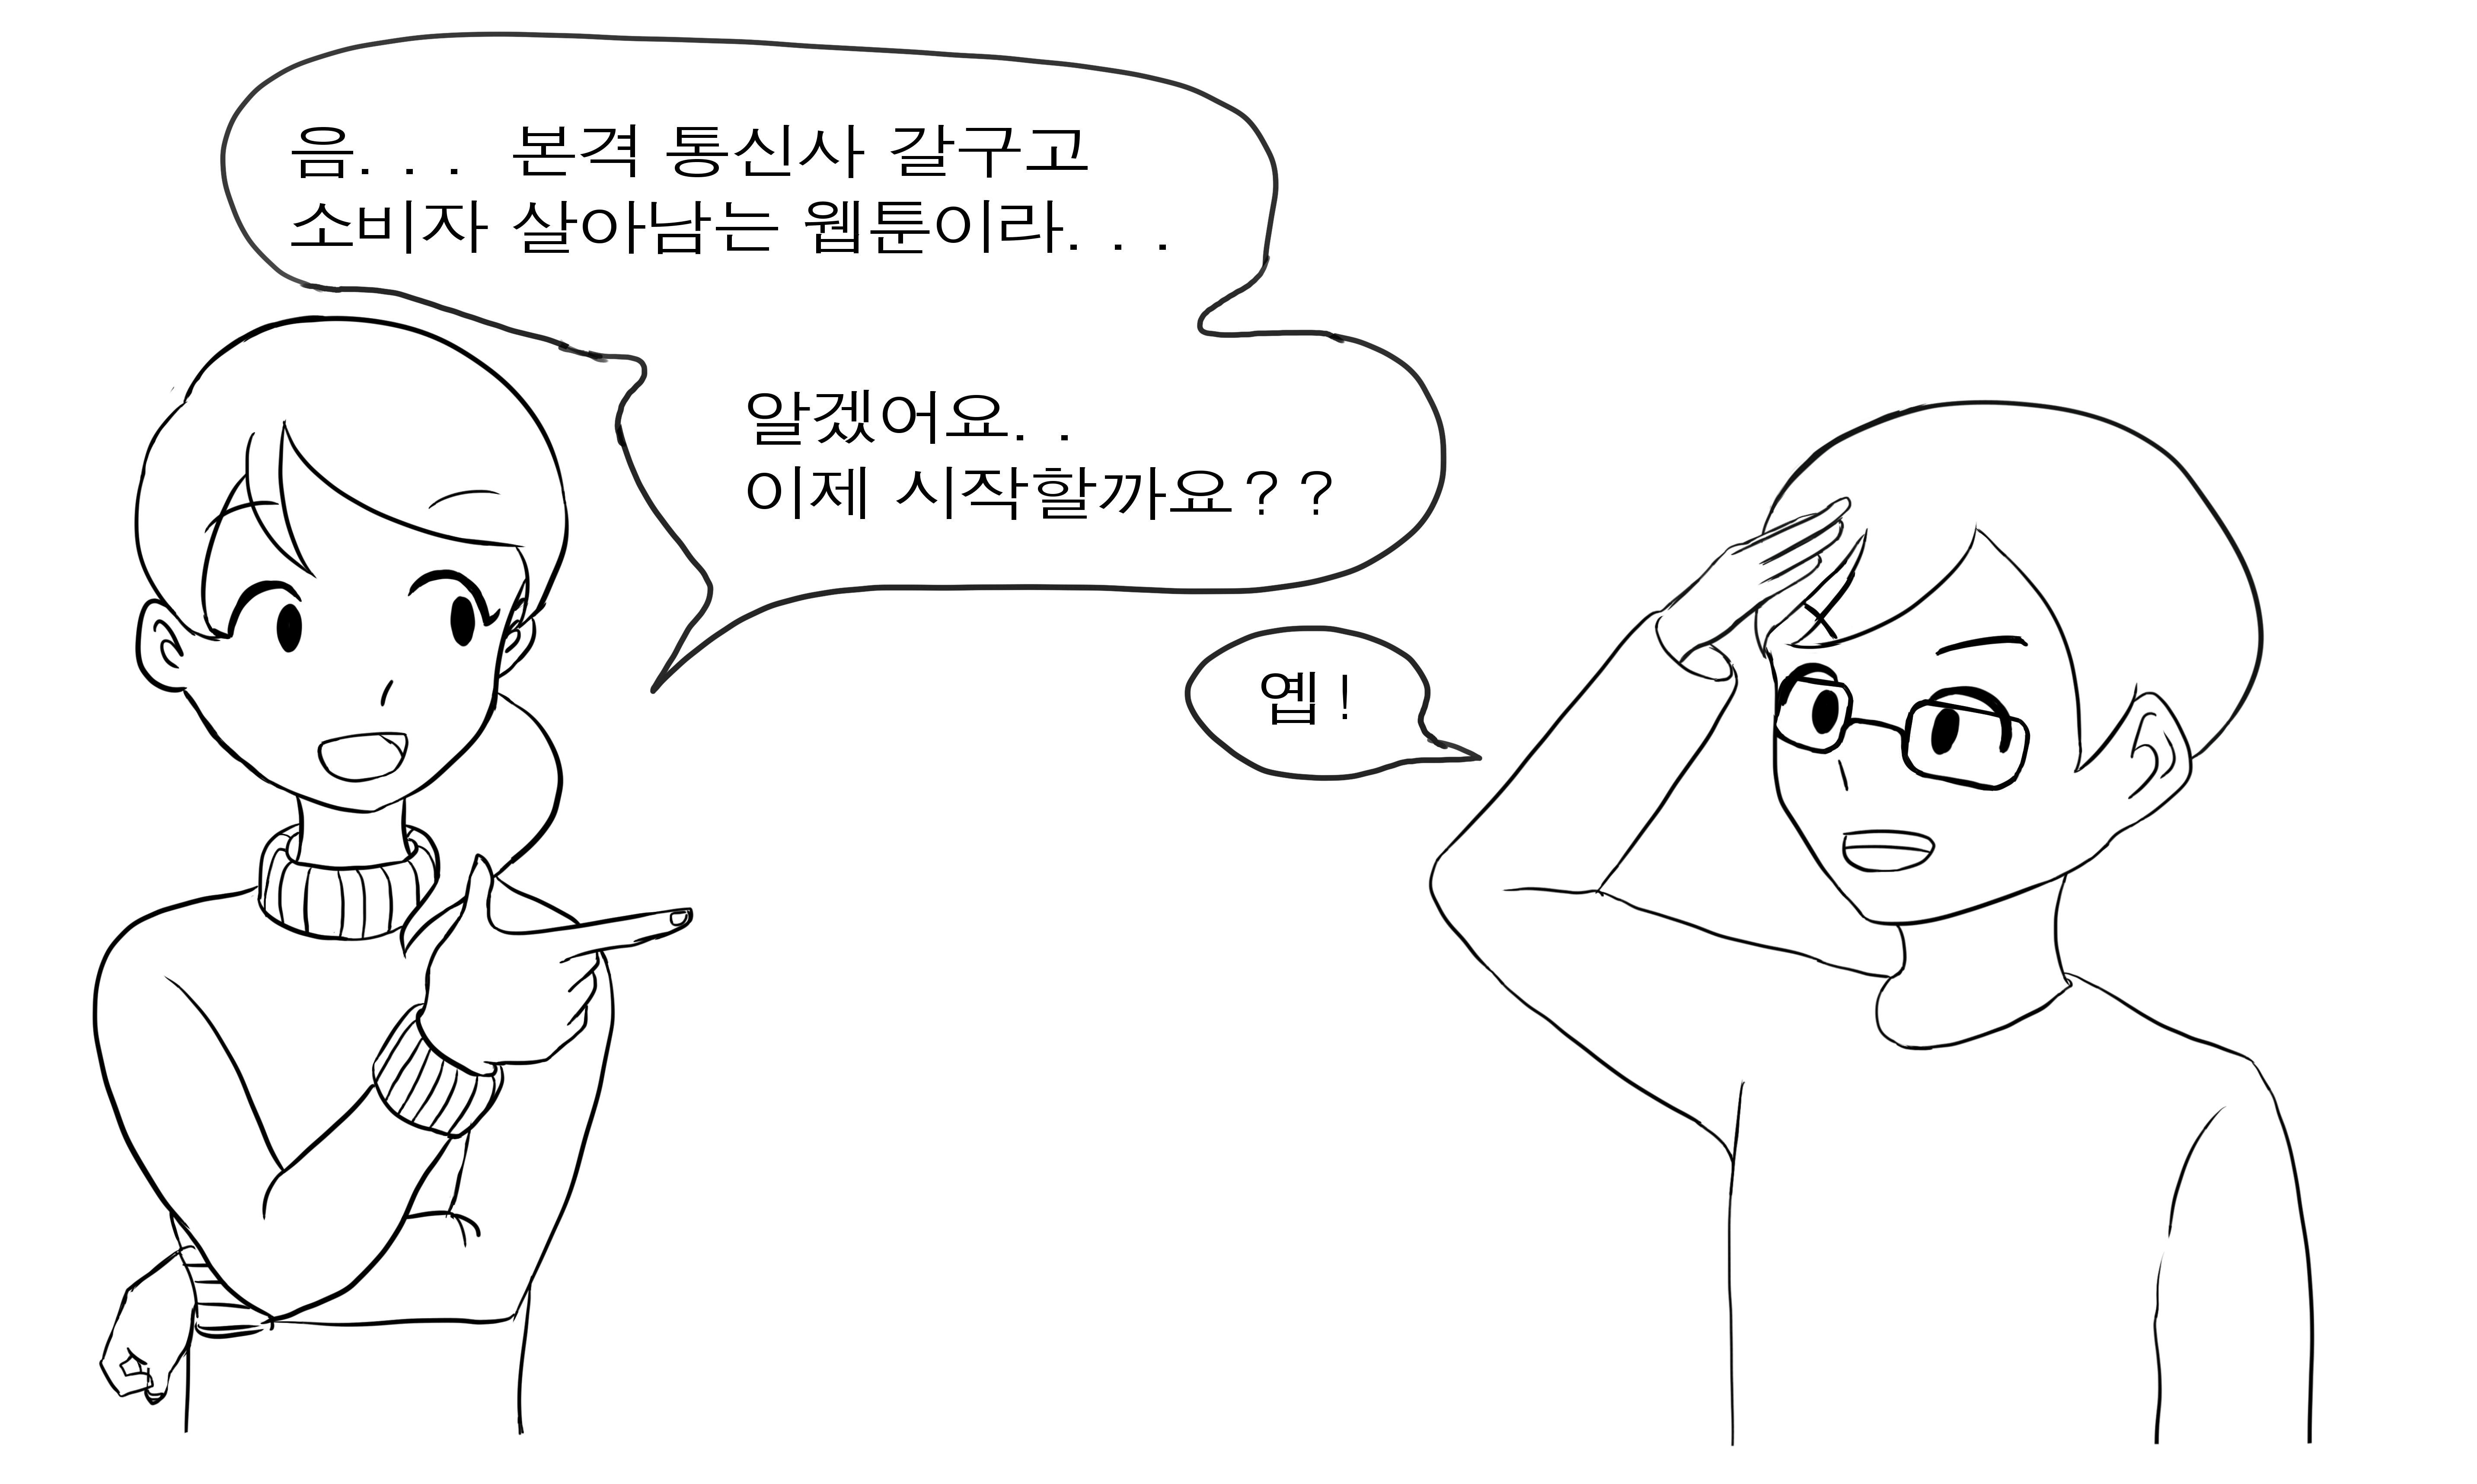 <통신사 죽이기> 웹툰 후원 요청